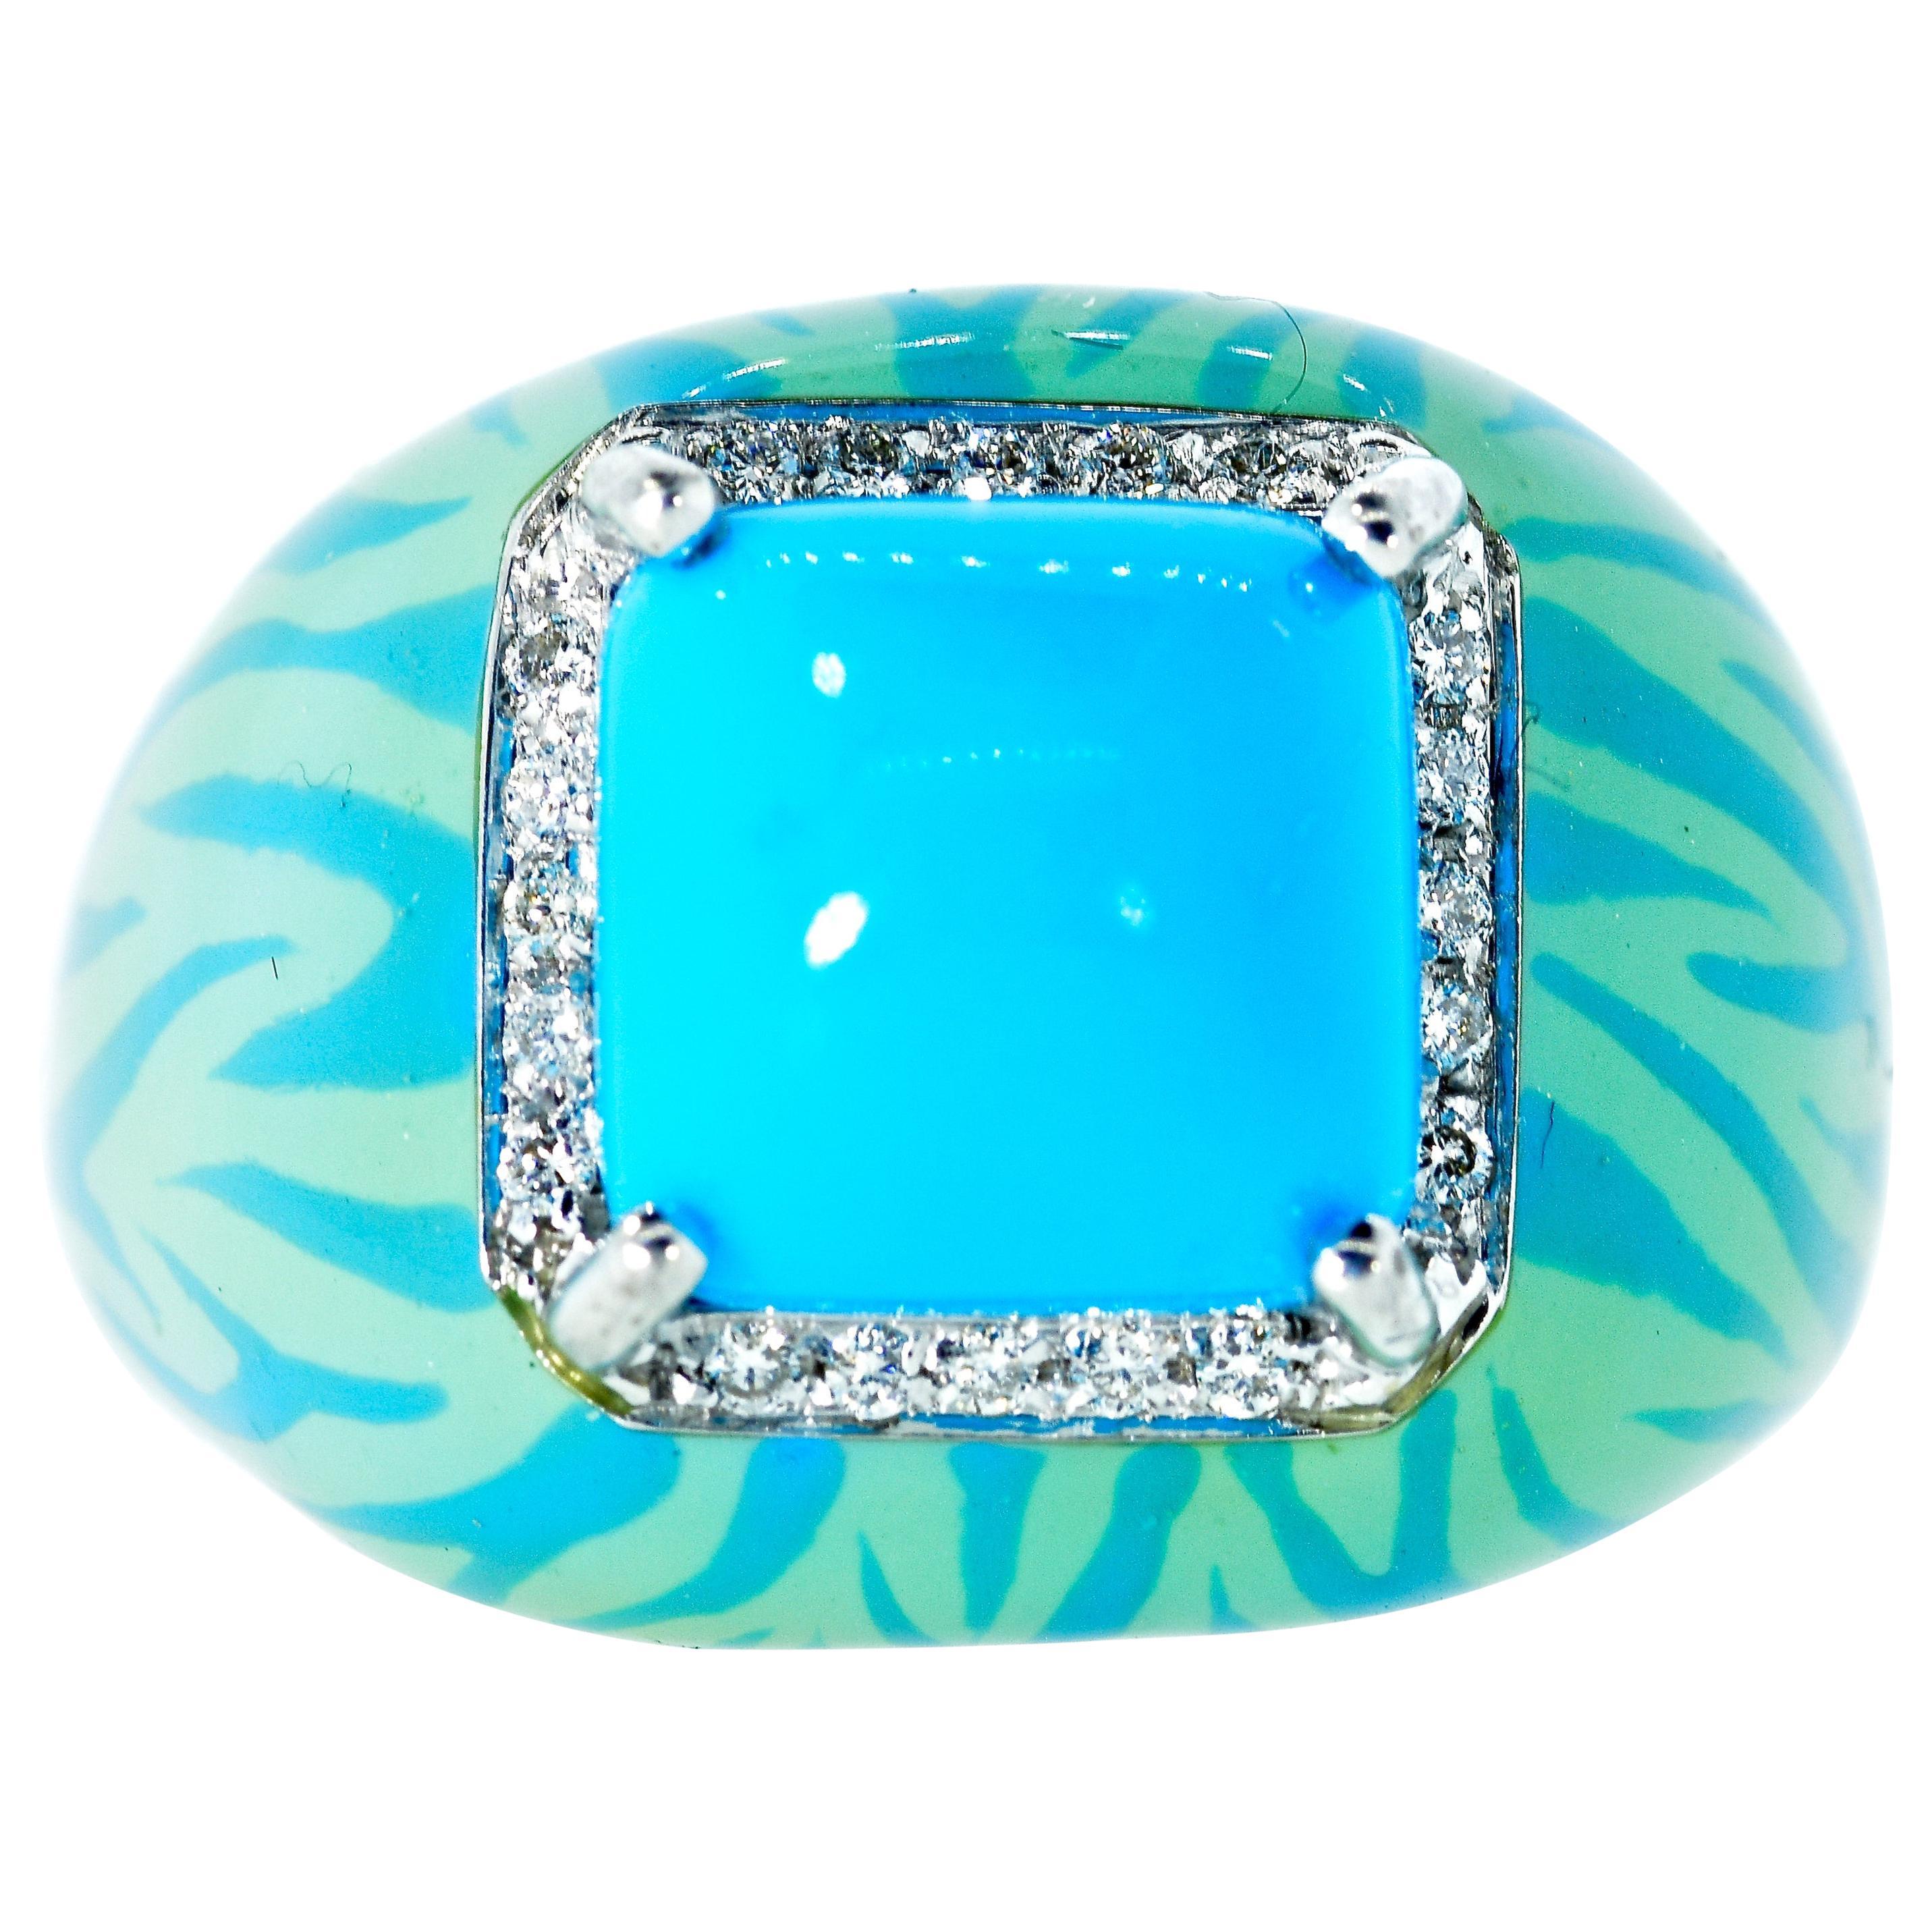 Turquoise, Enamel and Diamond 18 Karat Ring